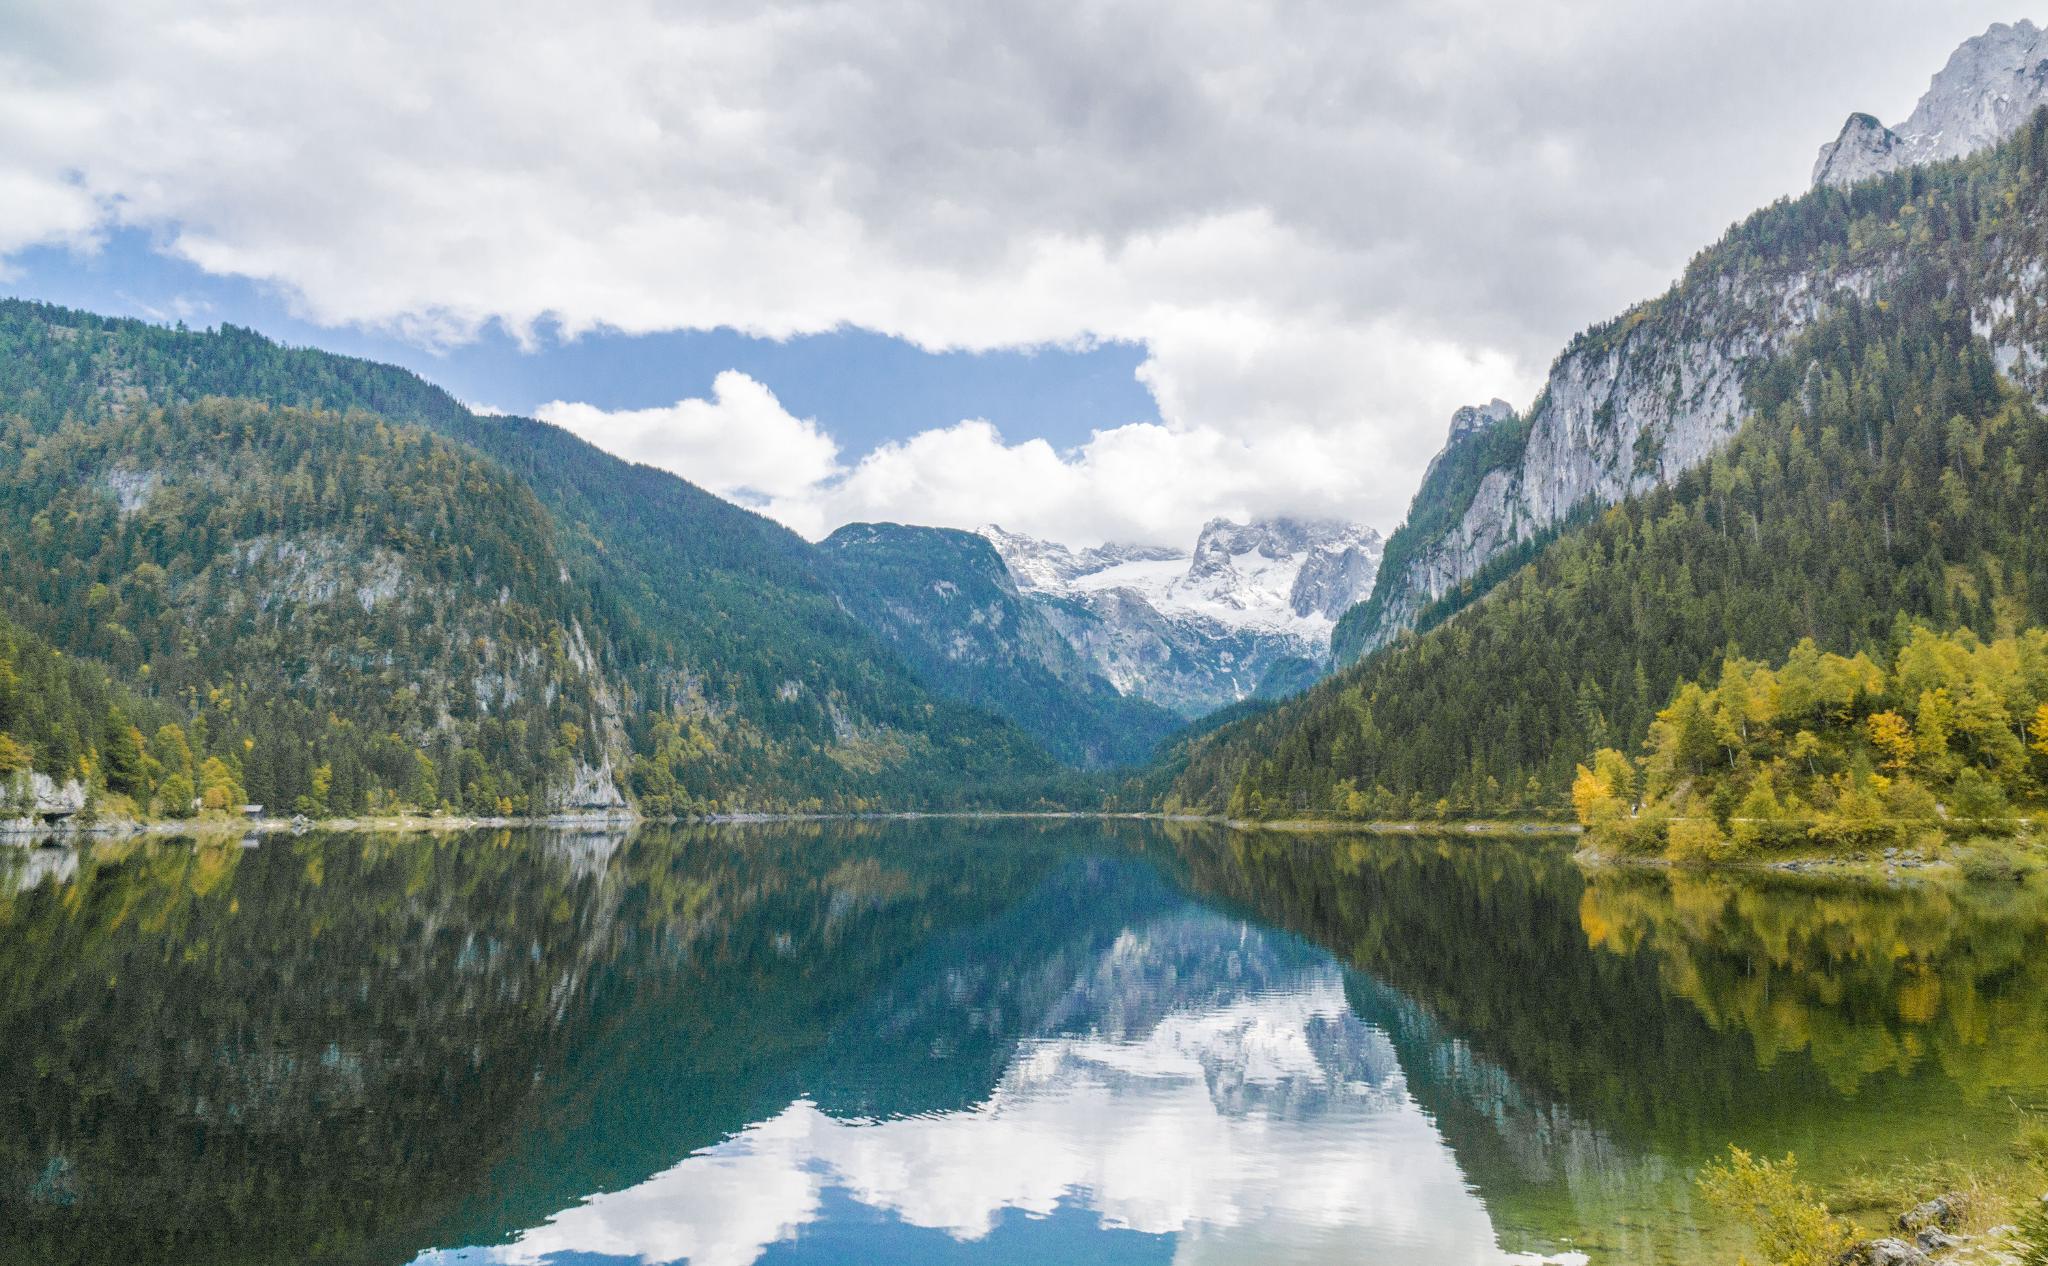 【奧地利】遠離塵囂!哈修塔特周邊的絕美湖泊 — 高薩湖 Gosausee 湖濱散記 24